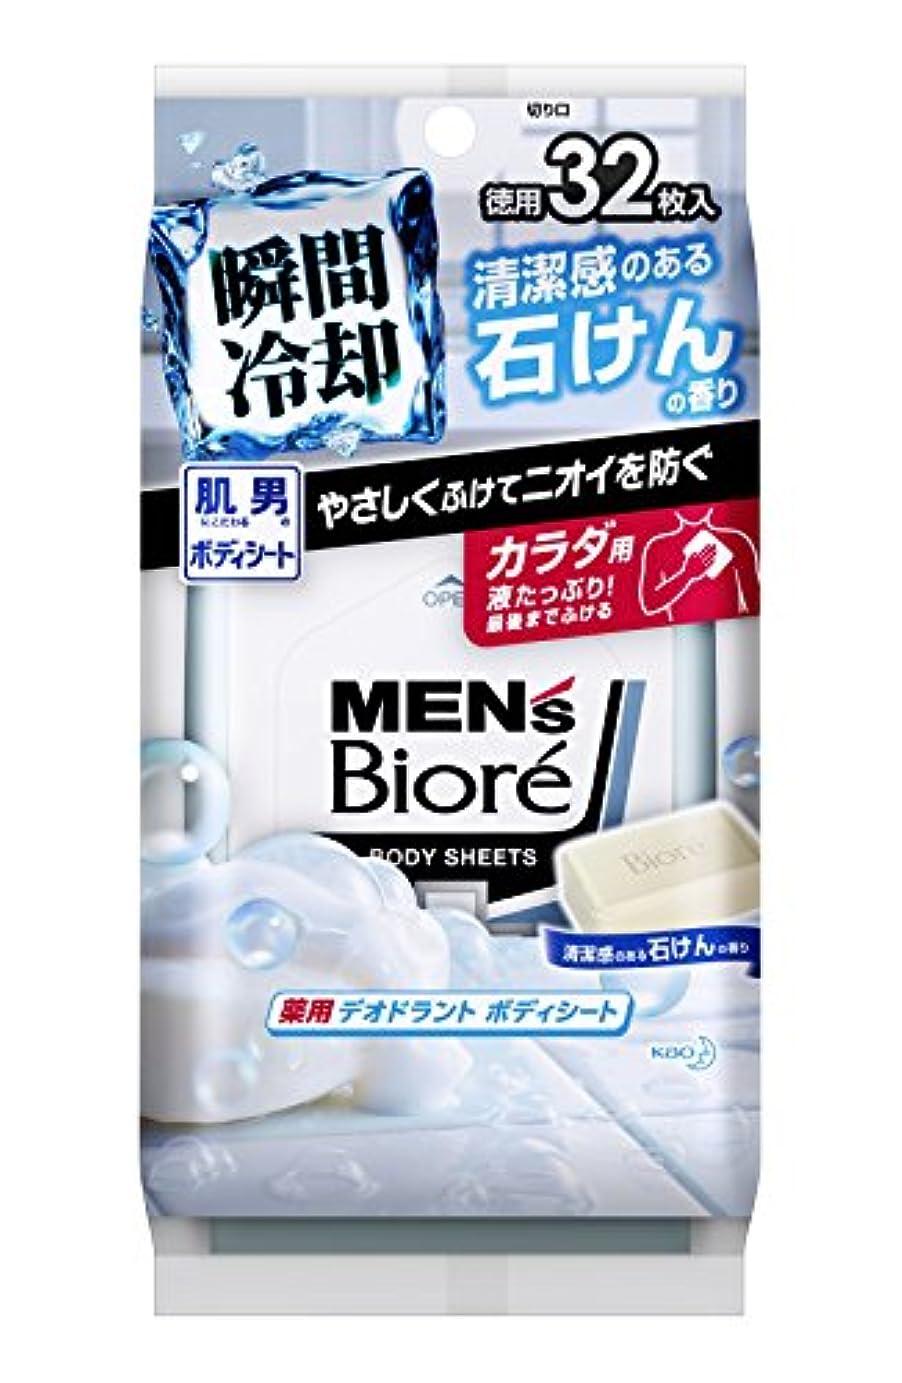 ローラー責任必需品メンズビオレ 薬用デオドラントボディシート 清潔感のある石けんの香り 32枚 [医薬部外品]